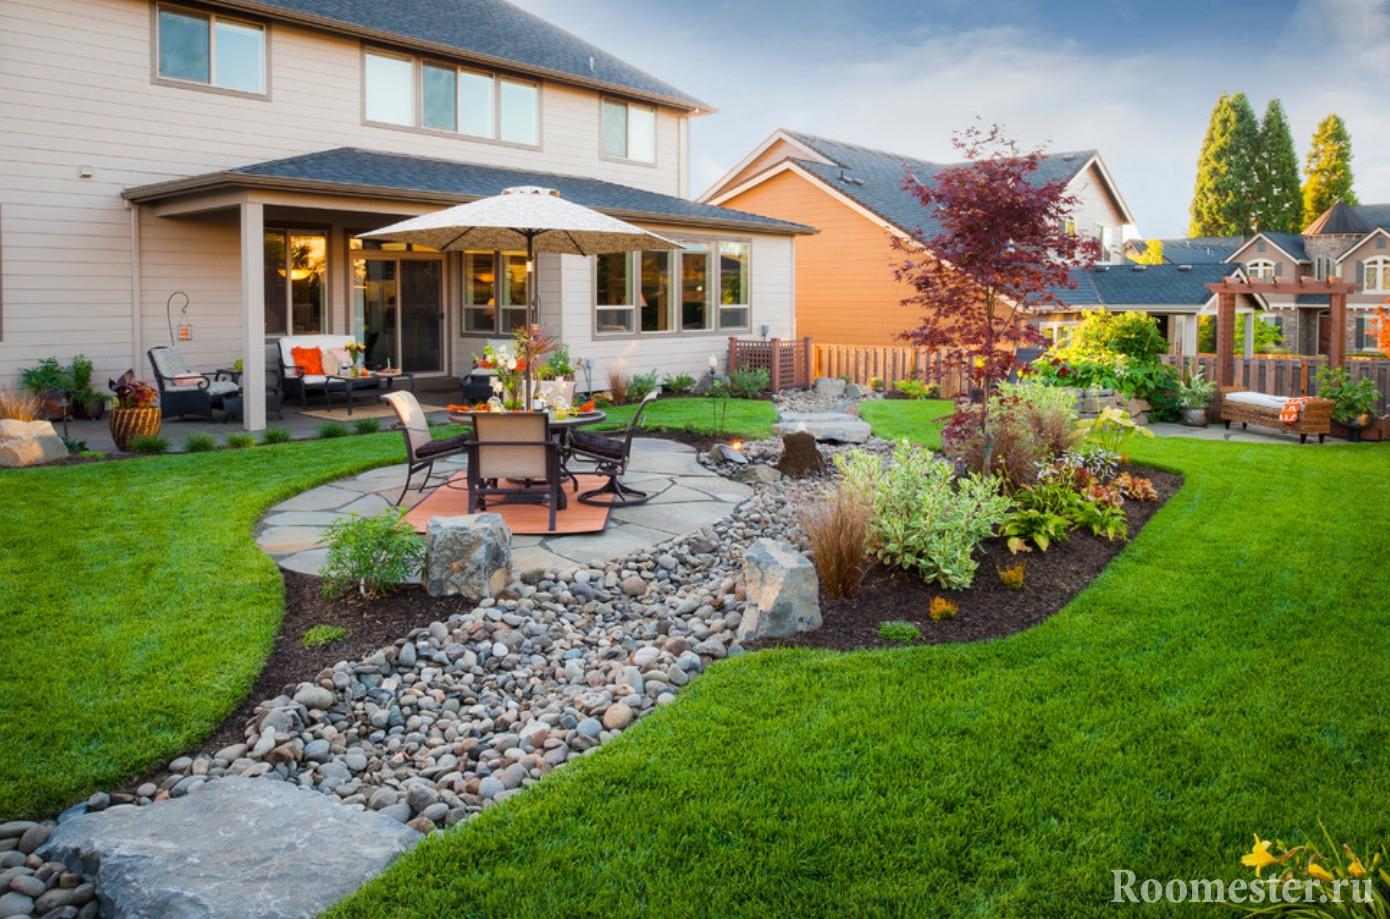 Evin üstesinden gelmek önemli bir inşaat unsurudur